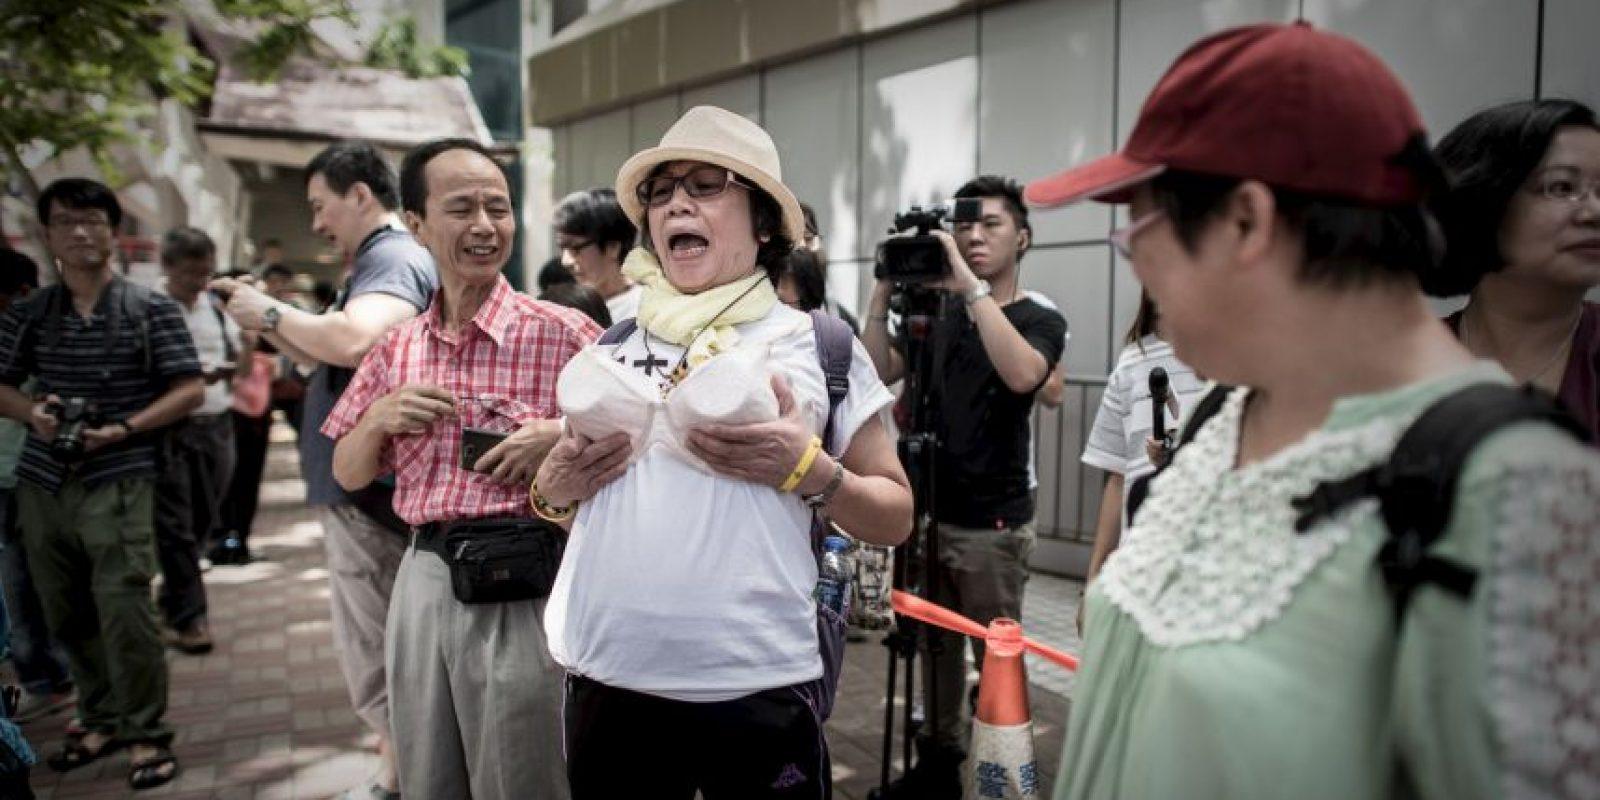 Sin embargo, las autoridades la acusaron de causar el incidente para culpar al policía. Foto:AFP